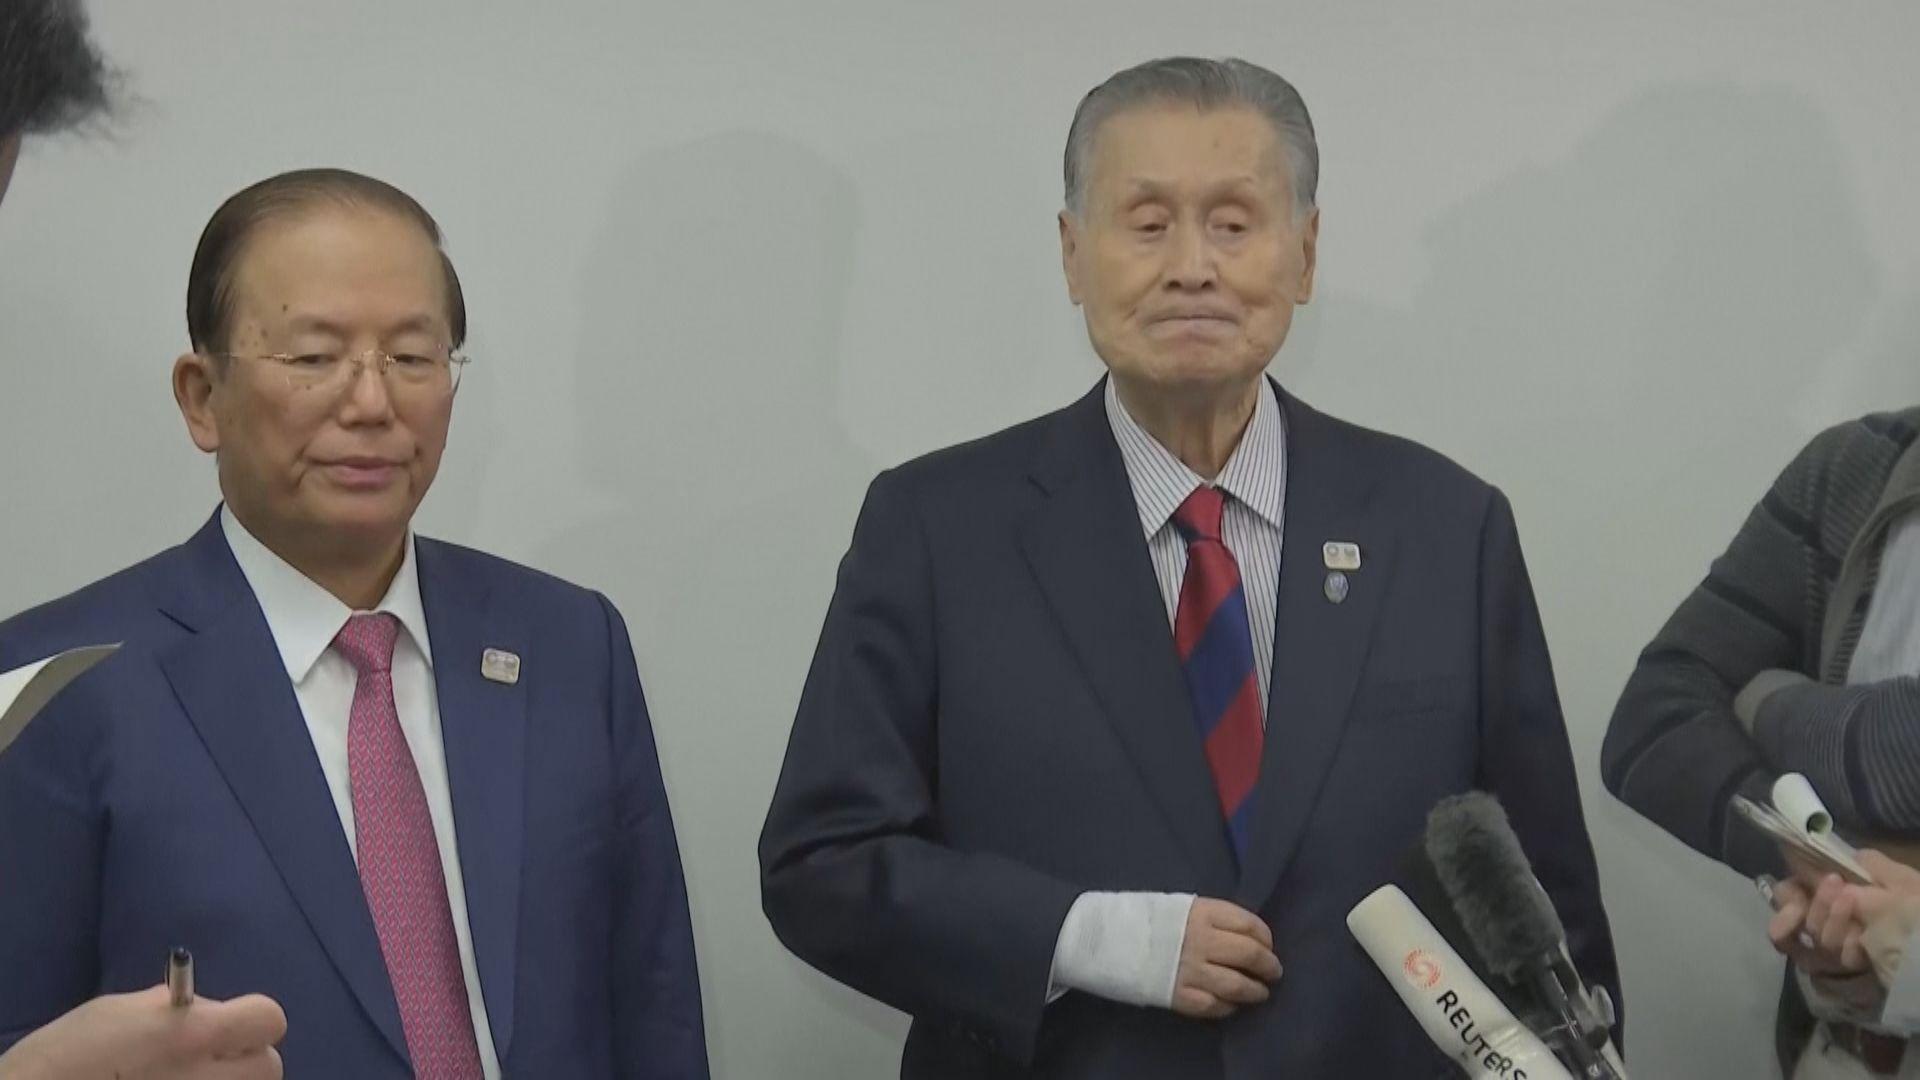 東京奧組委指完全沒有考慮取消奧運